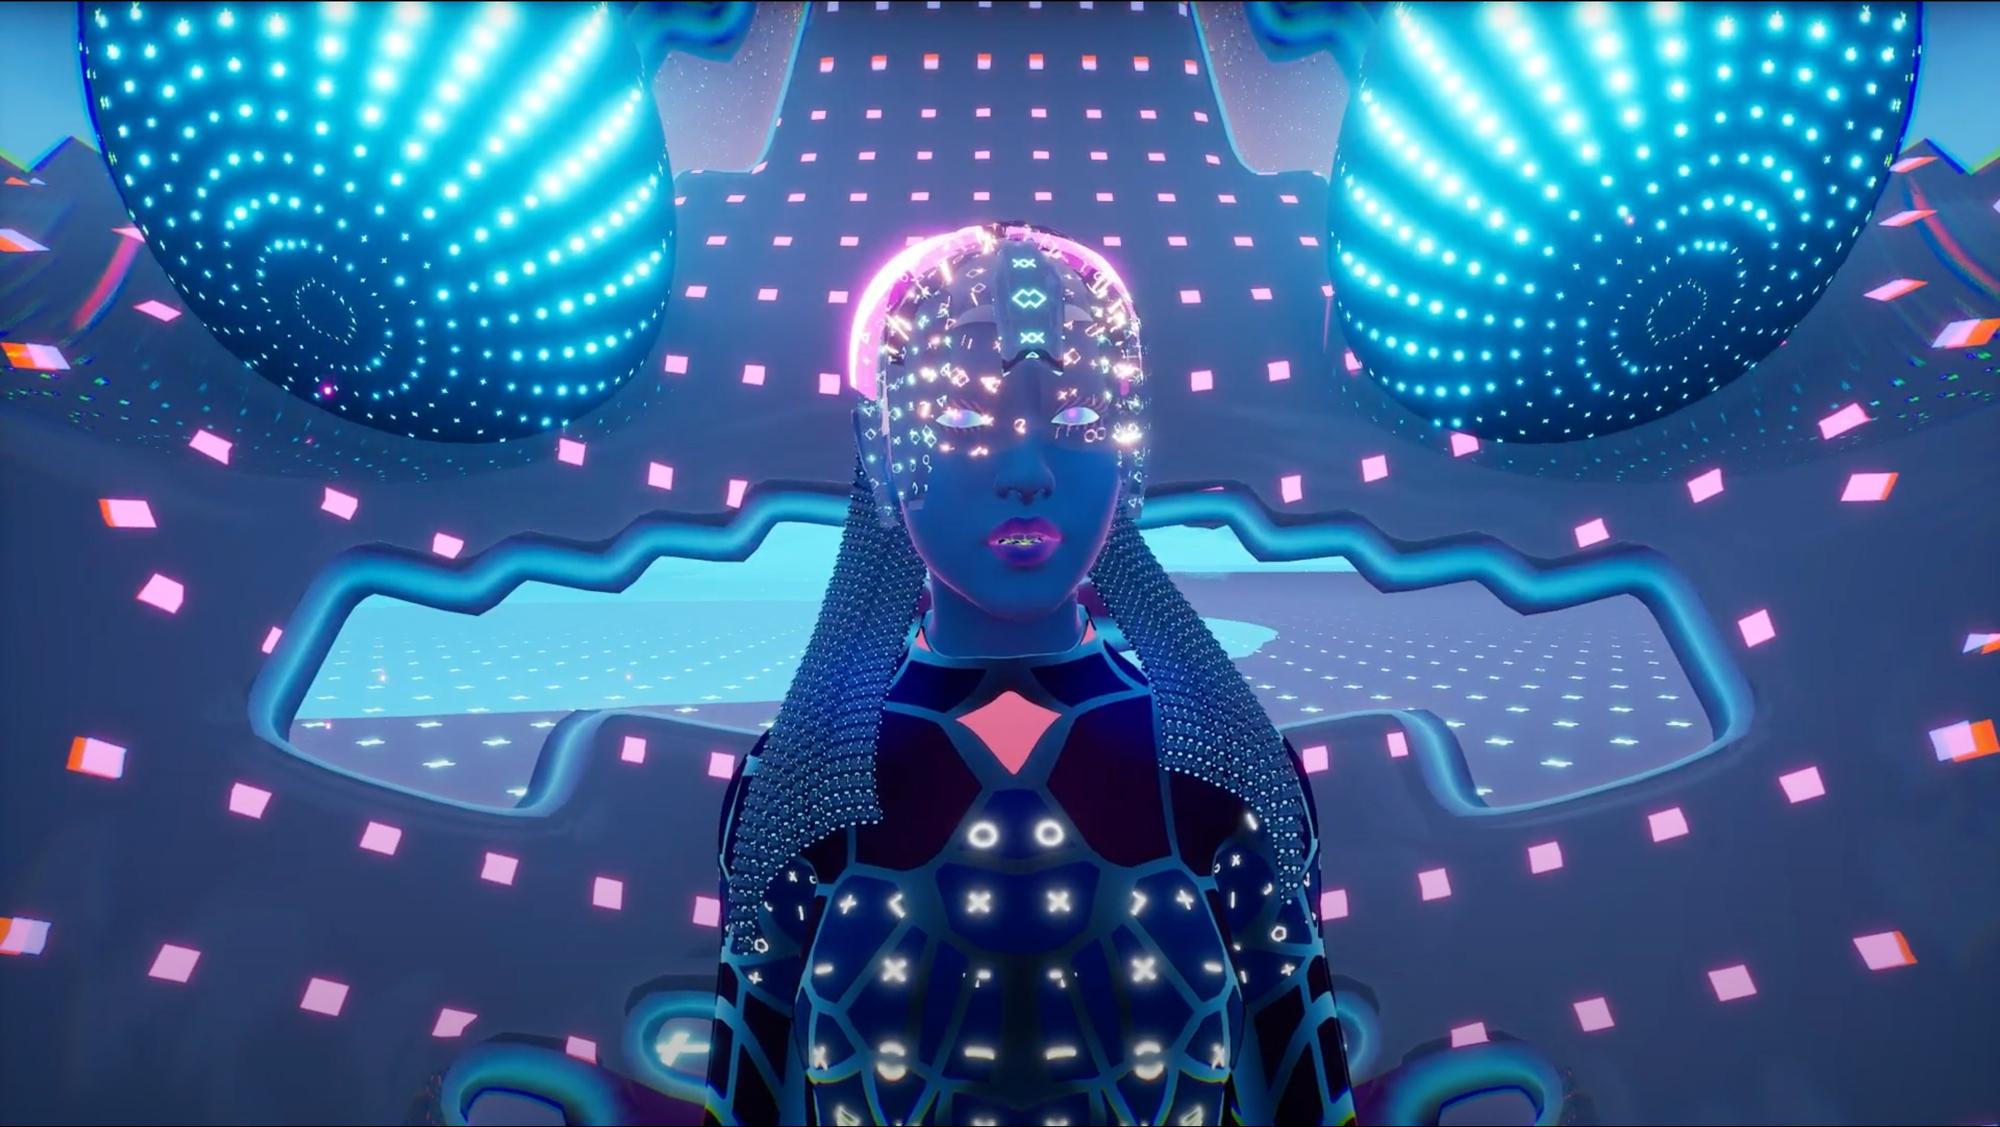 sci fi figure neon lights glowing